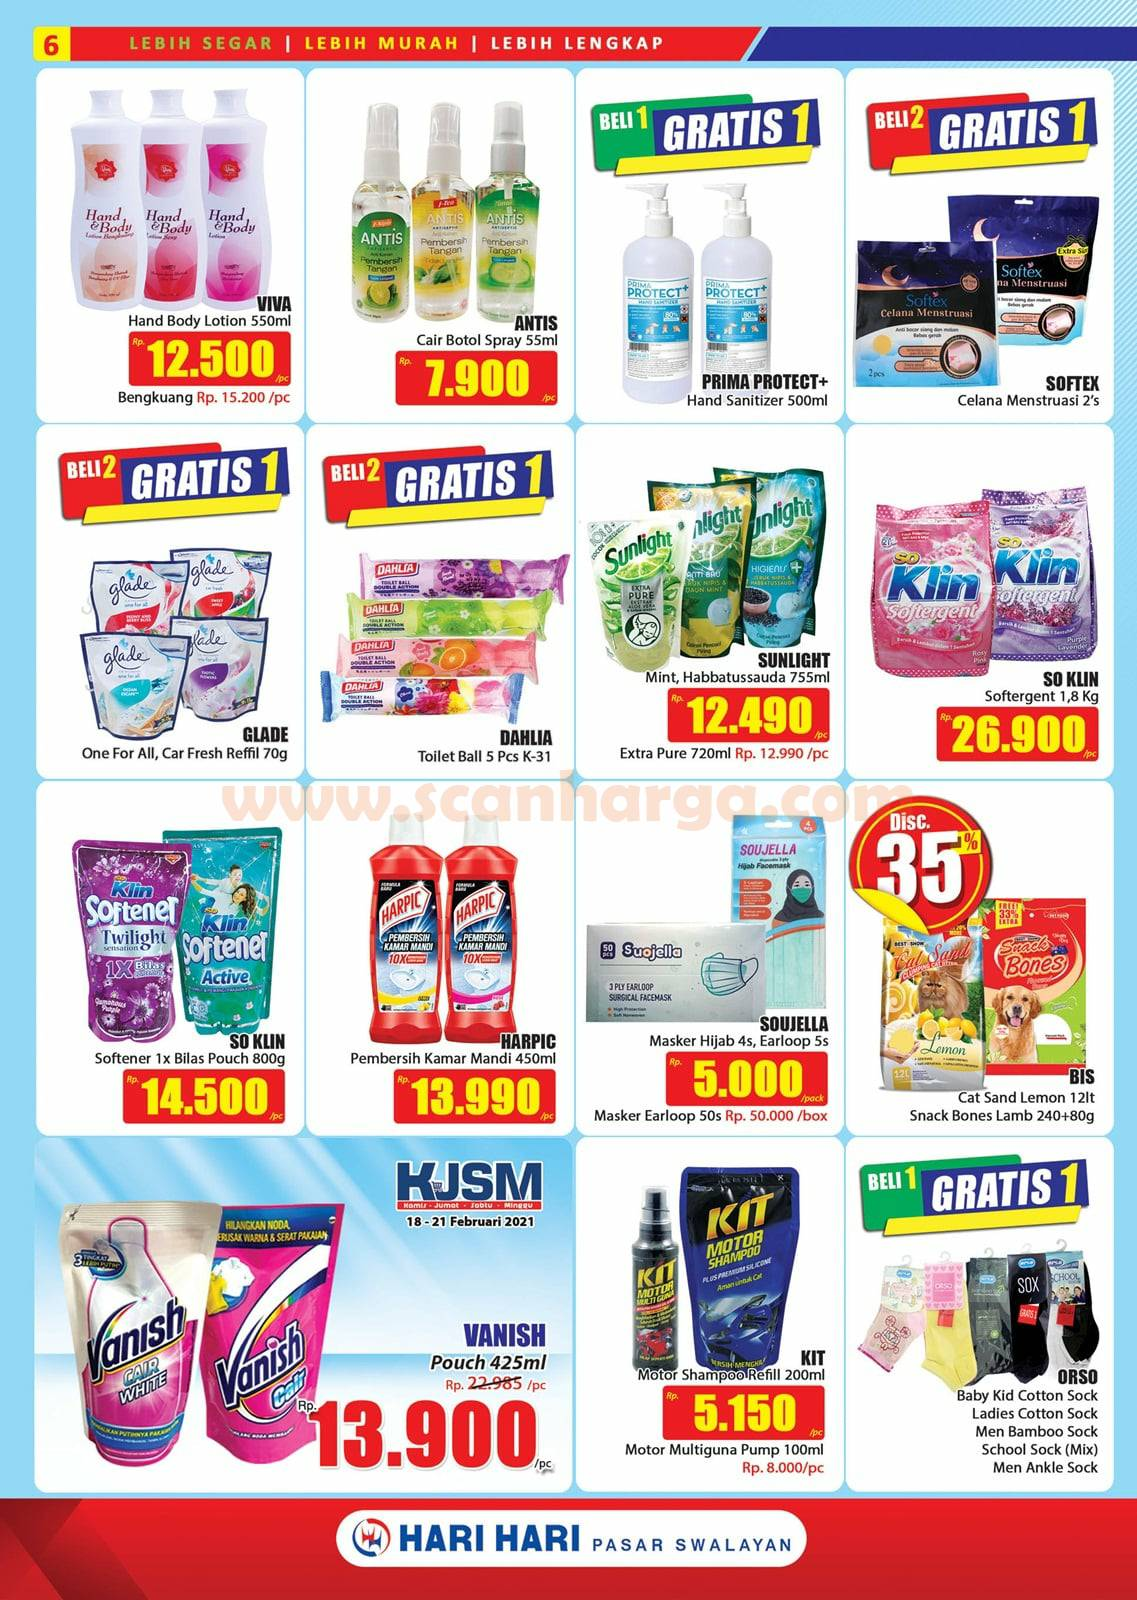 Katalog Promo Hari Hari Pasar Swalayan 18 Februari - 3 Maret 2021 6